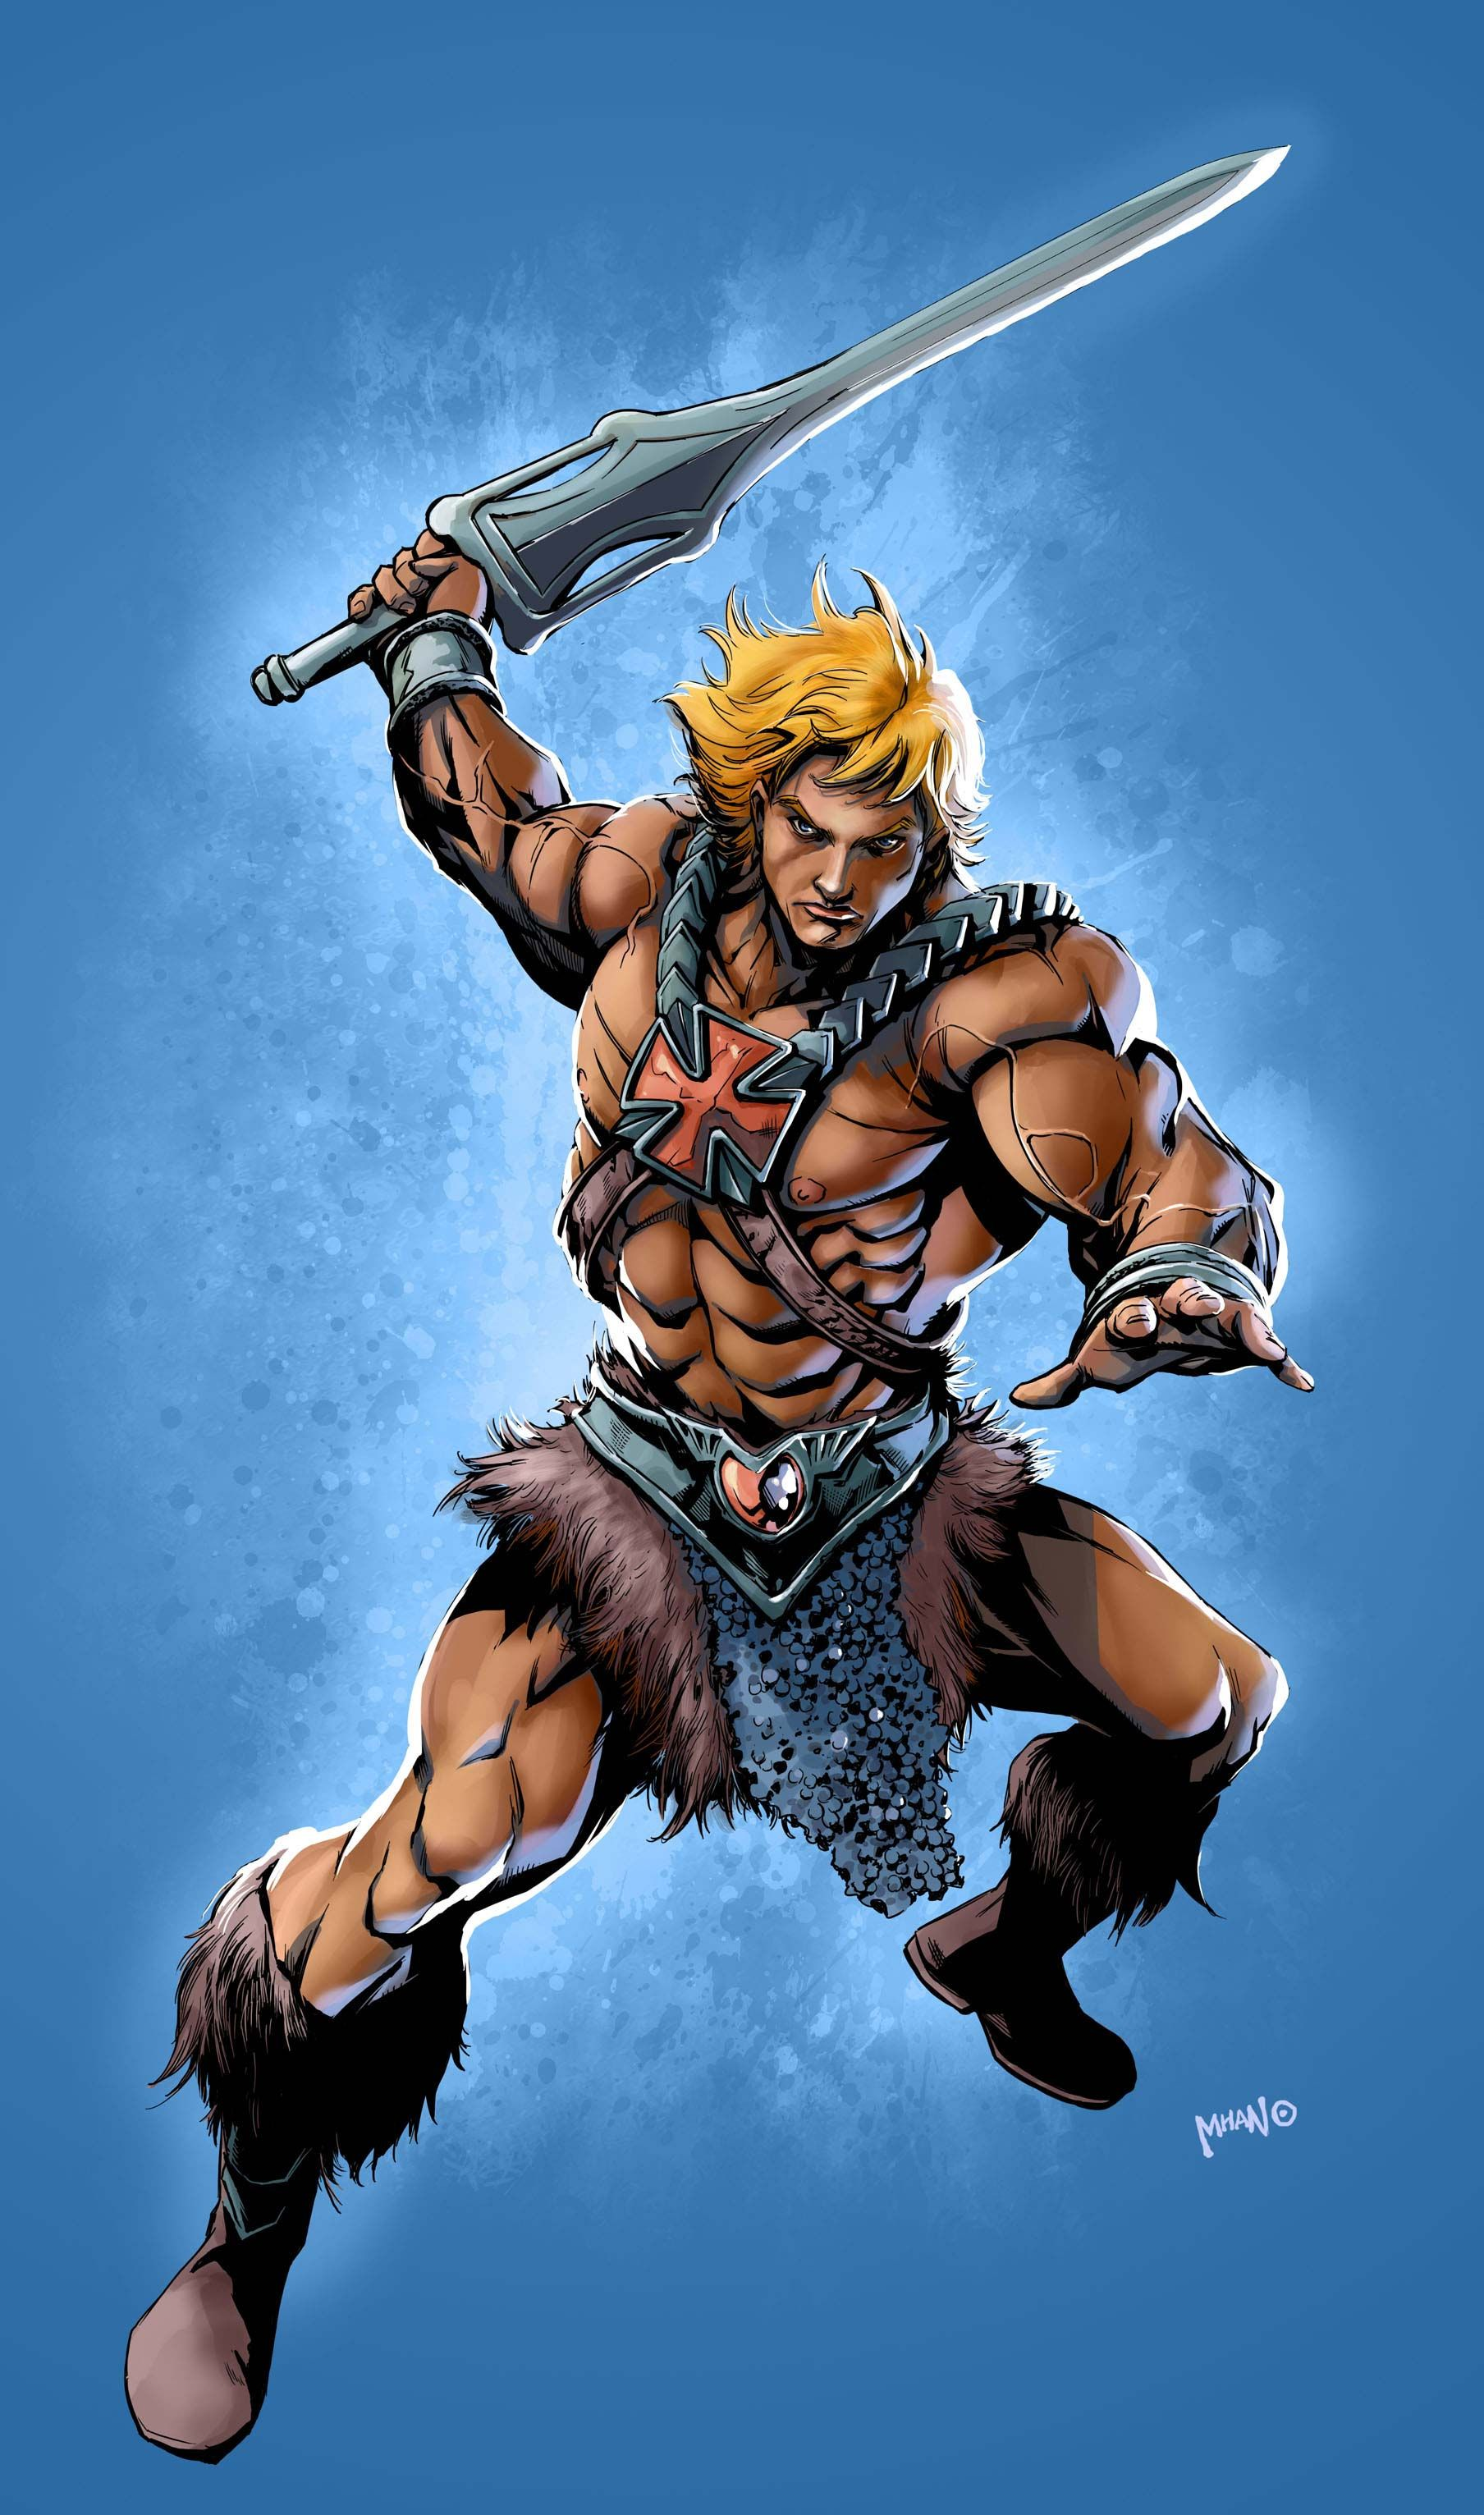 He Man Wallpaper Hd Wallpapers Backgrounds High Resolution Desktop He Man Thundercats 80s Cartoons Man Wallpaper